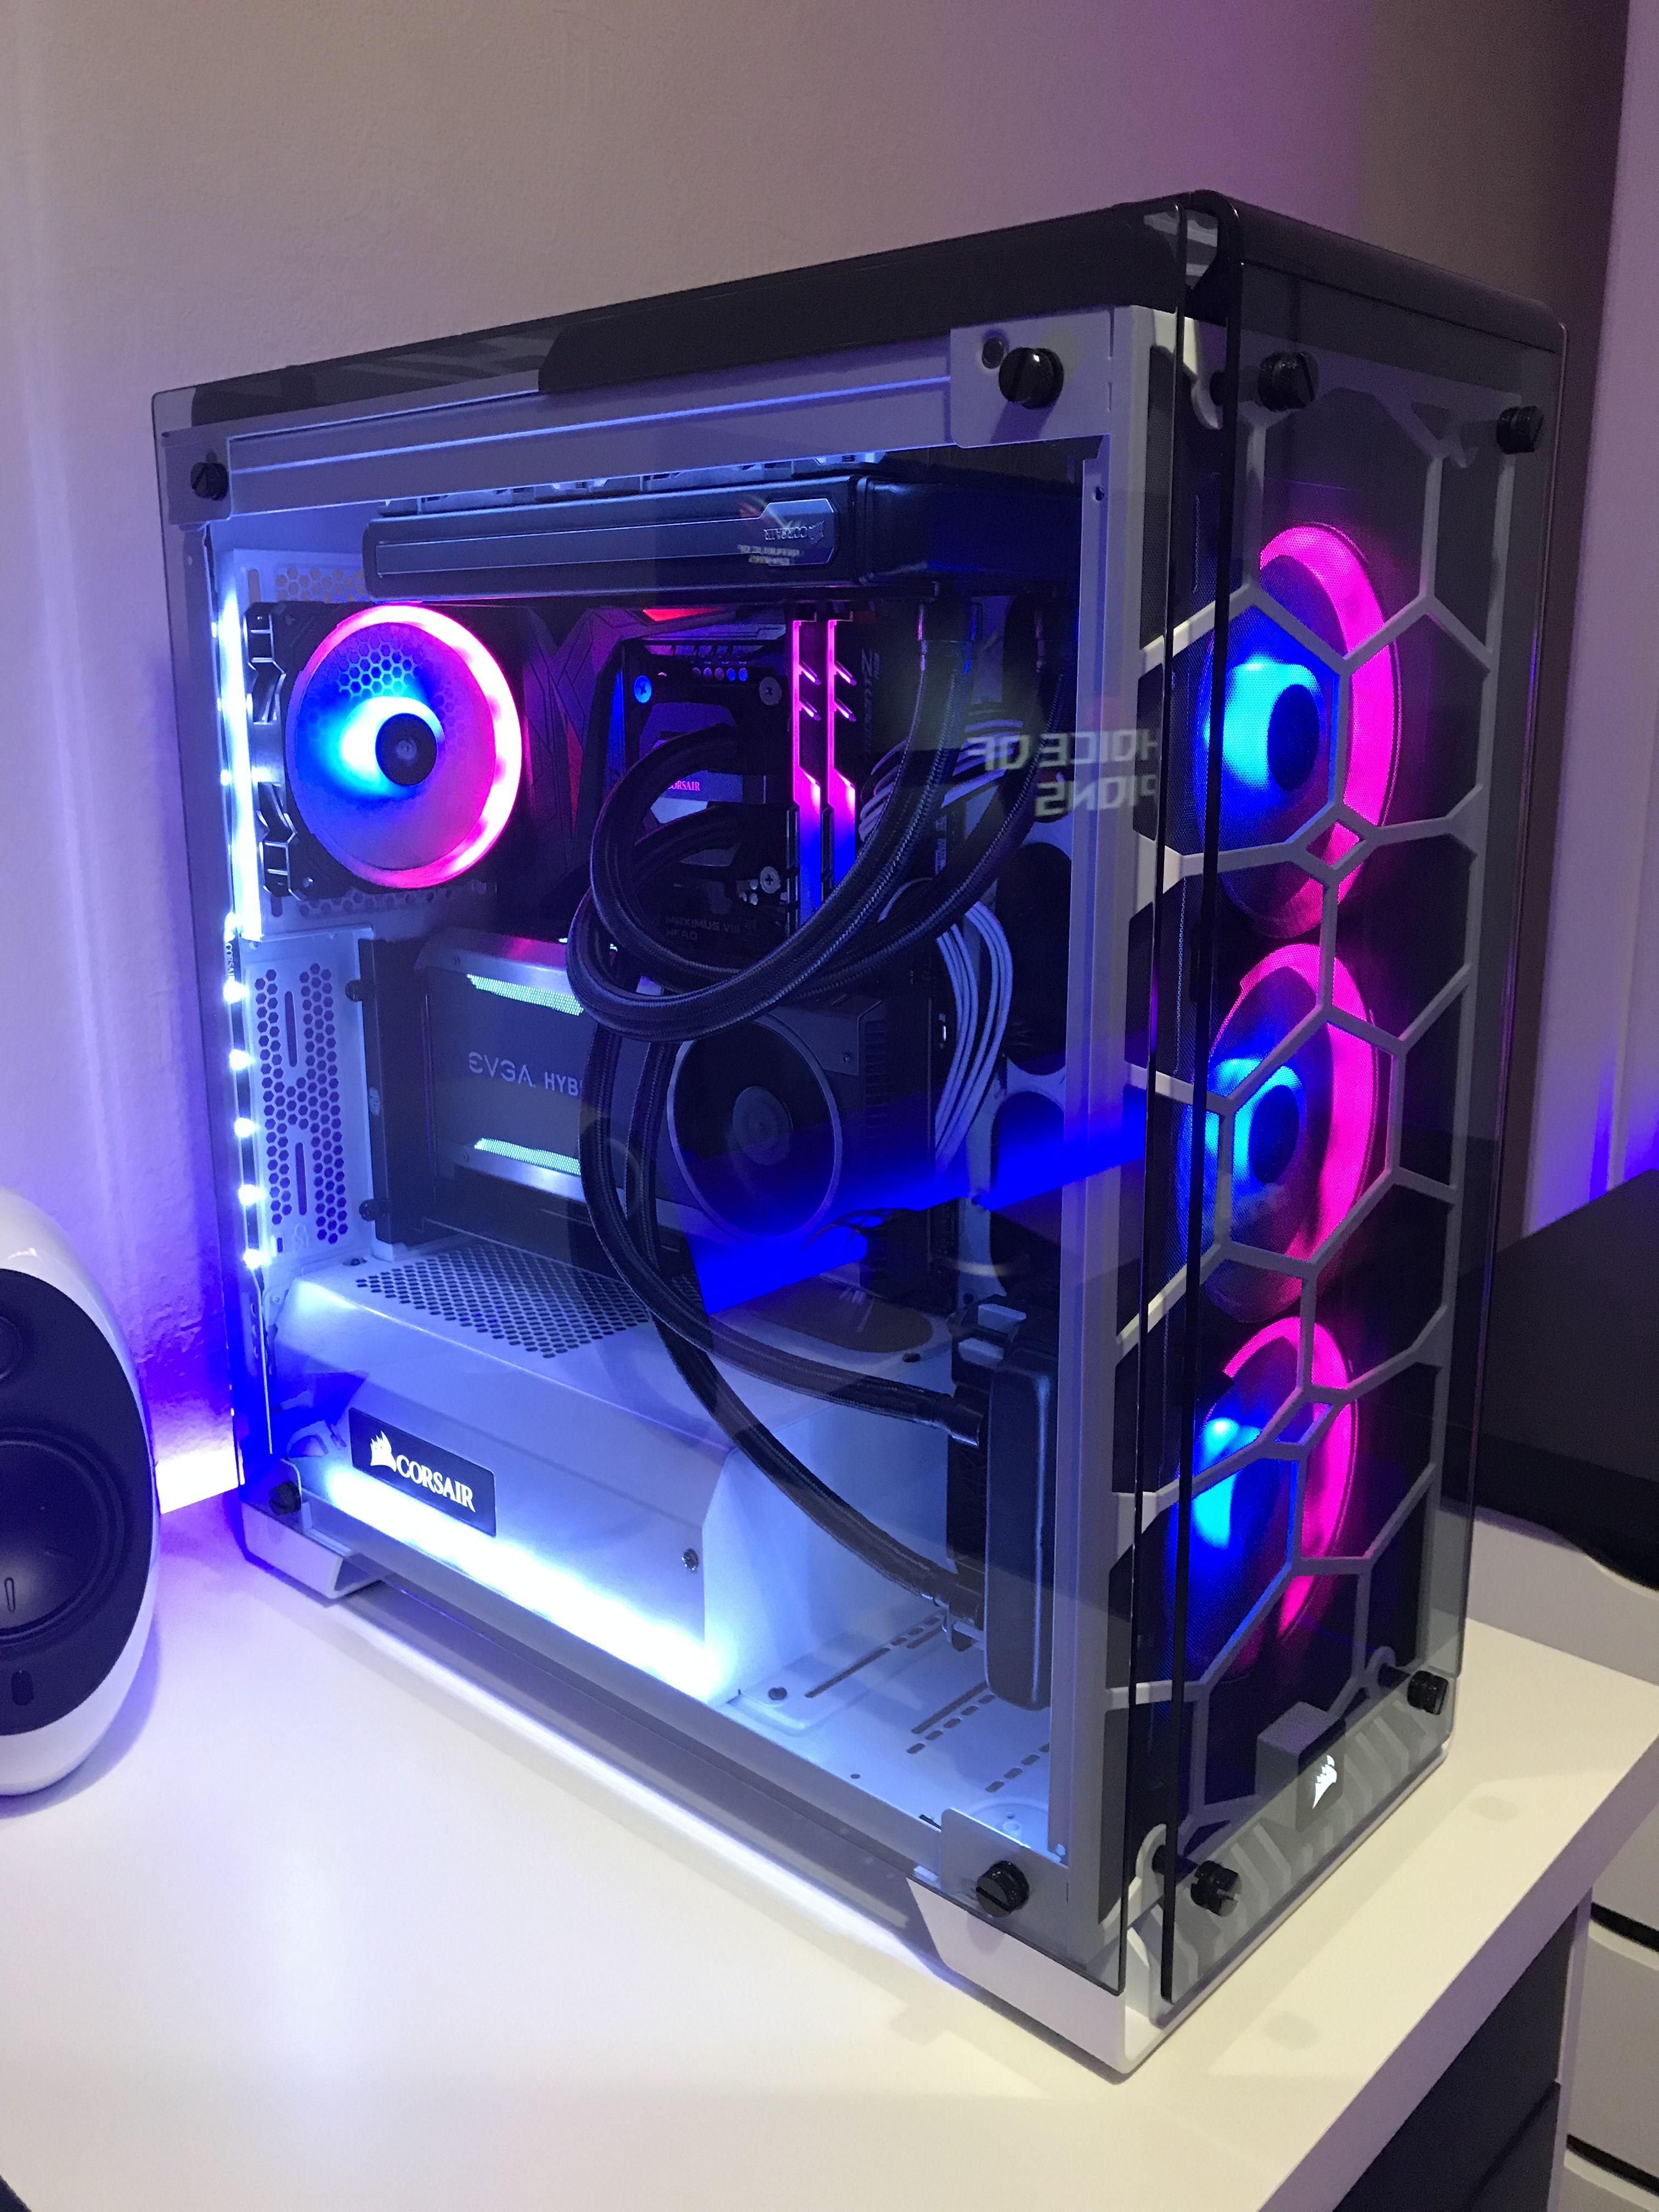 My Corsair 570x Pc Gaming Gaming Computer Setup